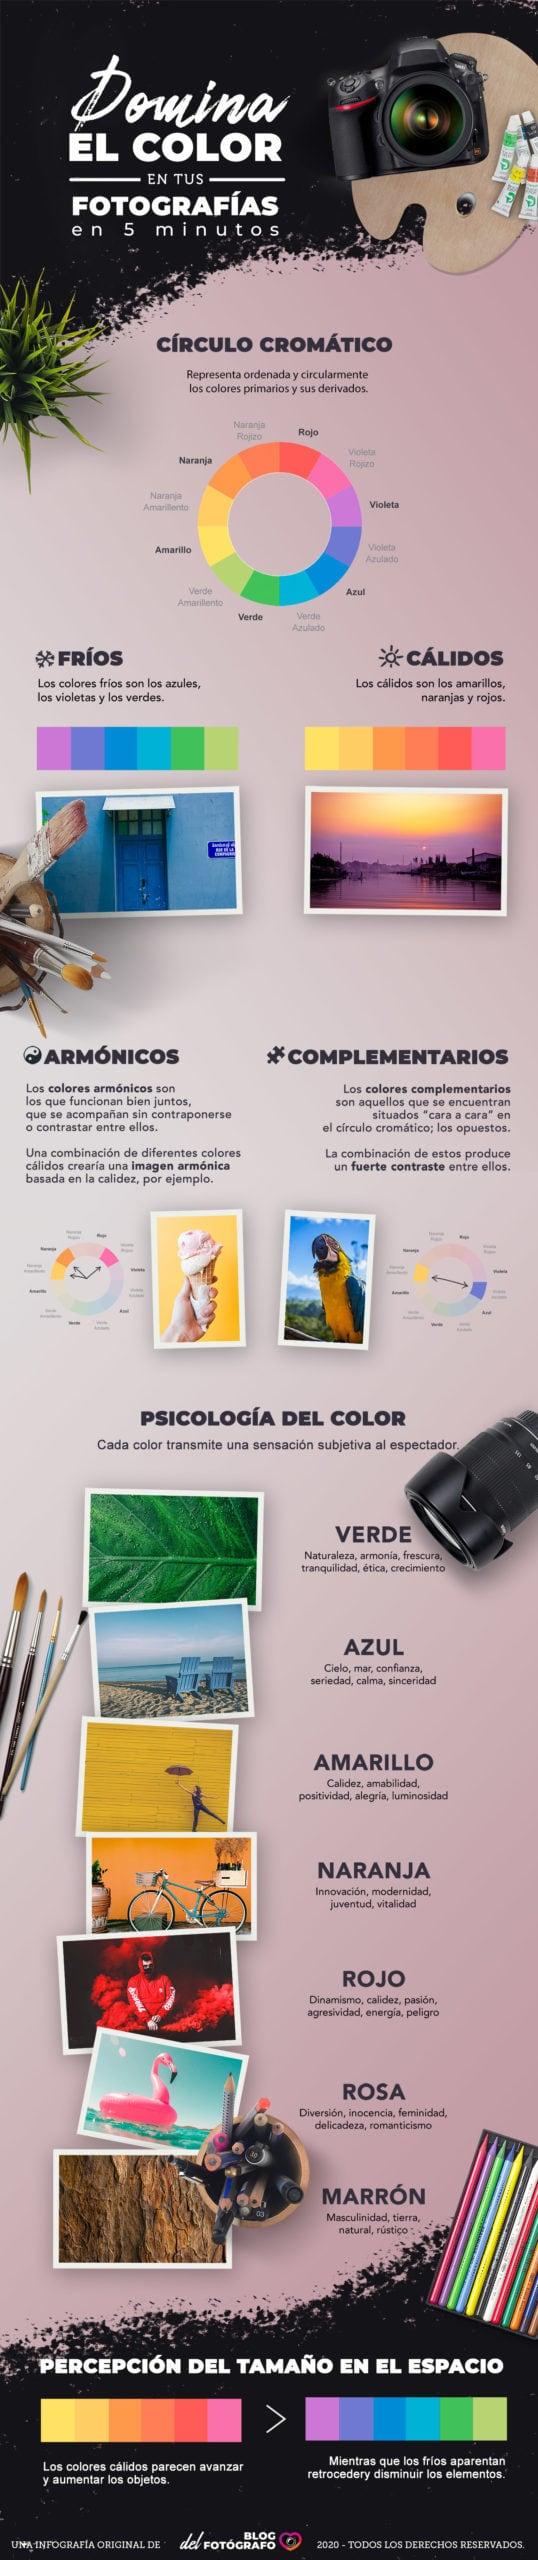 Infografía sobre el color en fotografía